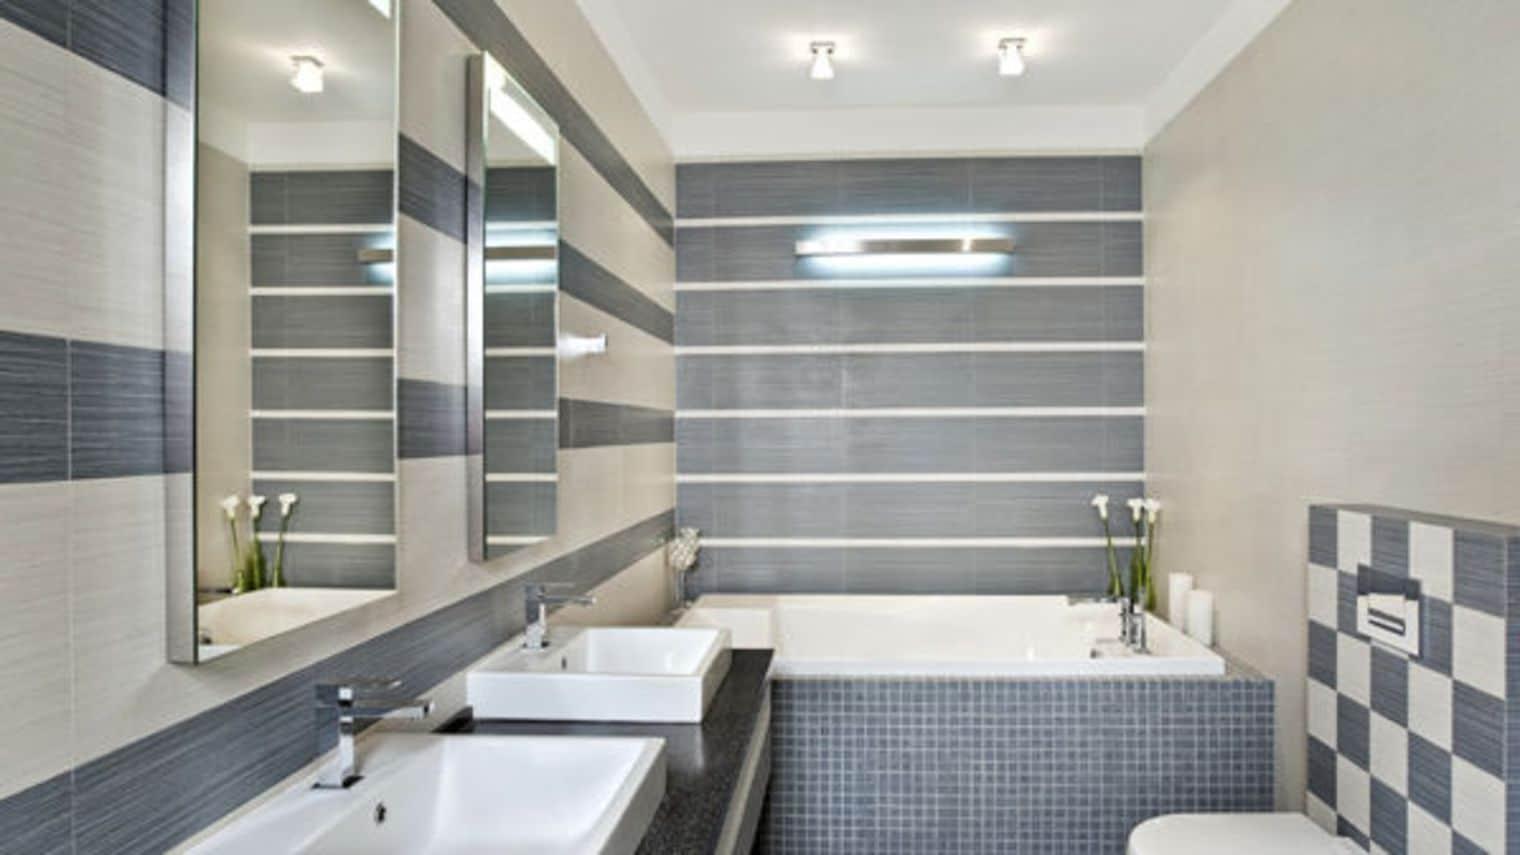 luminaire salle de bain Résultat Supérieur 15 Bon Marché Luminaire Etanche Salle De Bains Galerie 2017 Xzw1